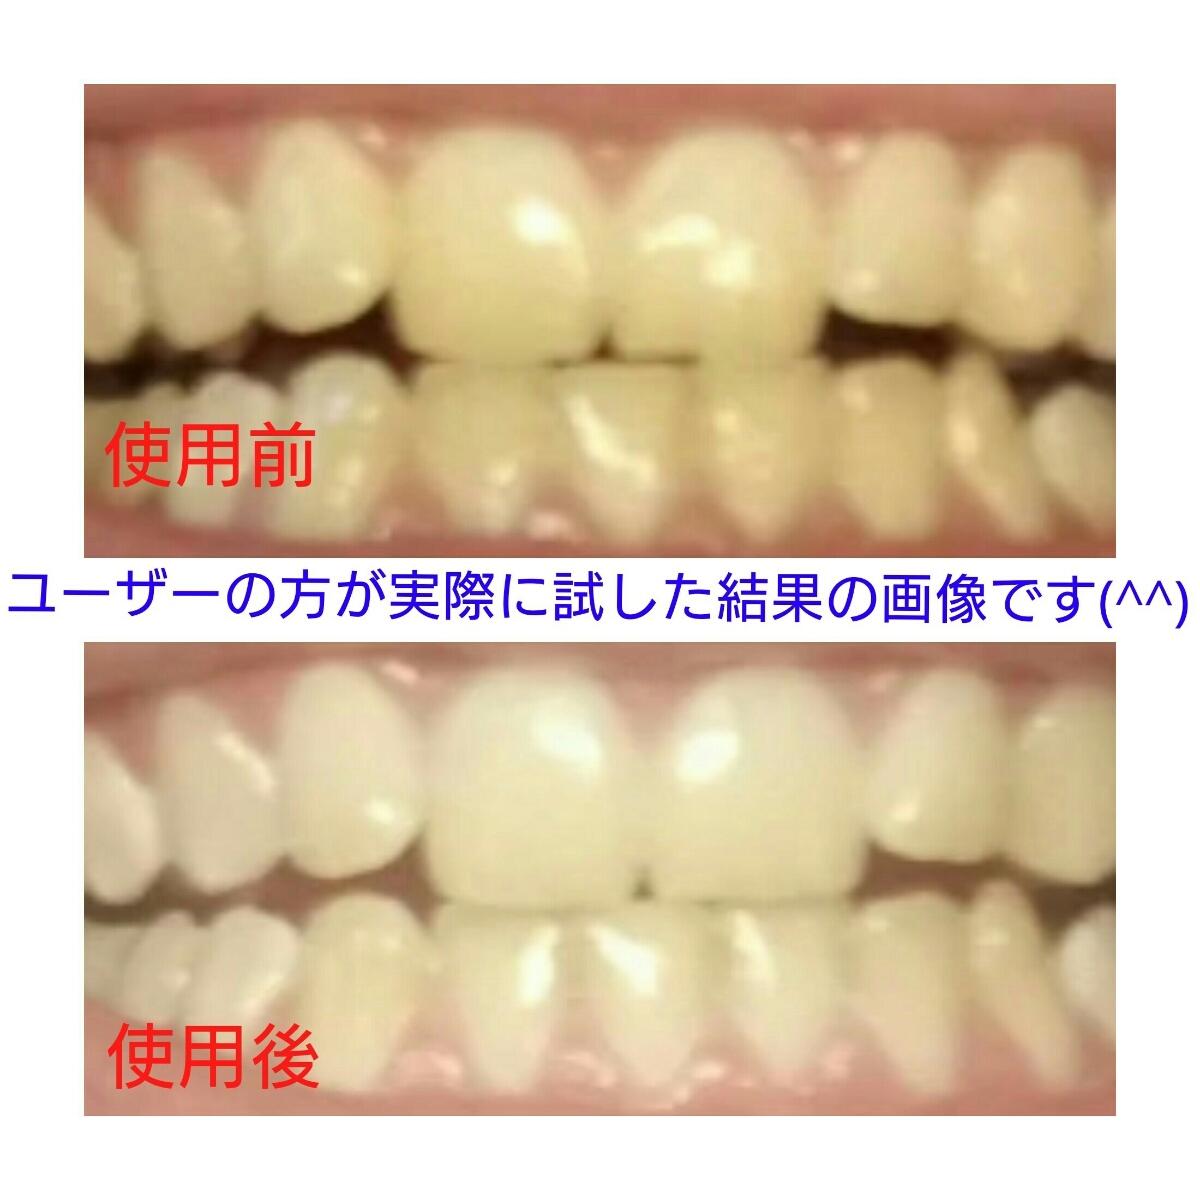 歯にやさしい自宅で簡単歯の本格ホームホワイトニングキットledライト ジェル10本白い歯色素沈着煙草黄ばみヤニタバコ人気_画像2